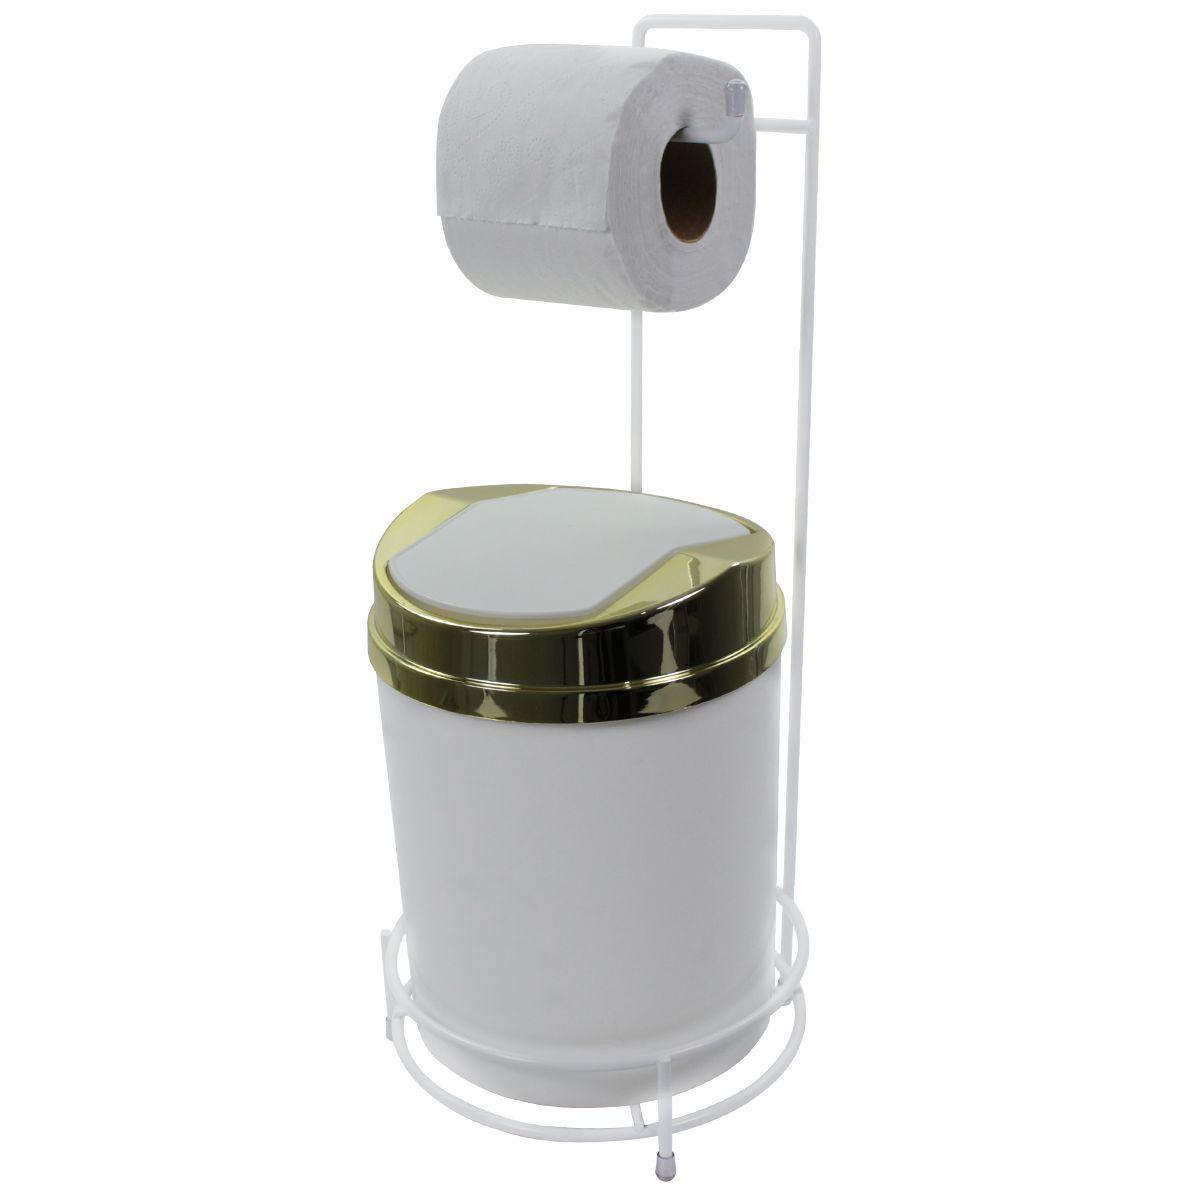 Suporte Para Papel Higiênico Branco Lixeira Basculante Dourada 5 Litros